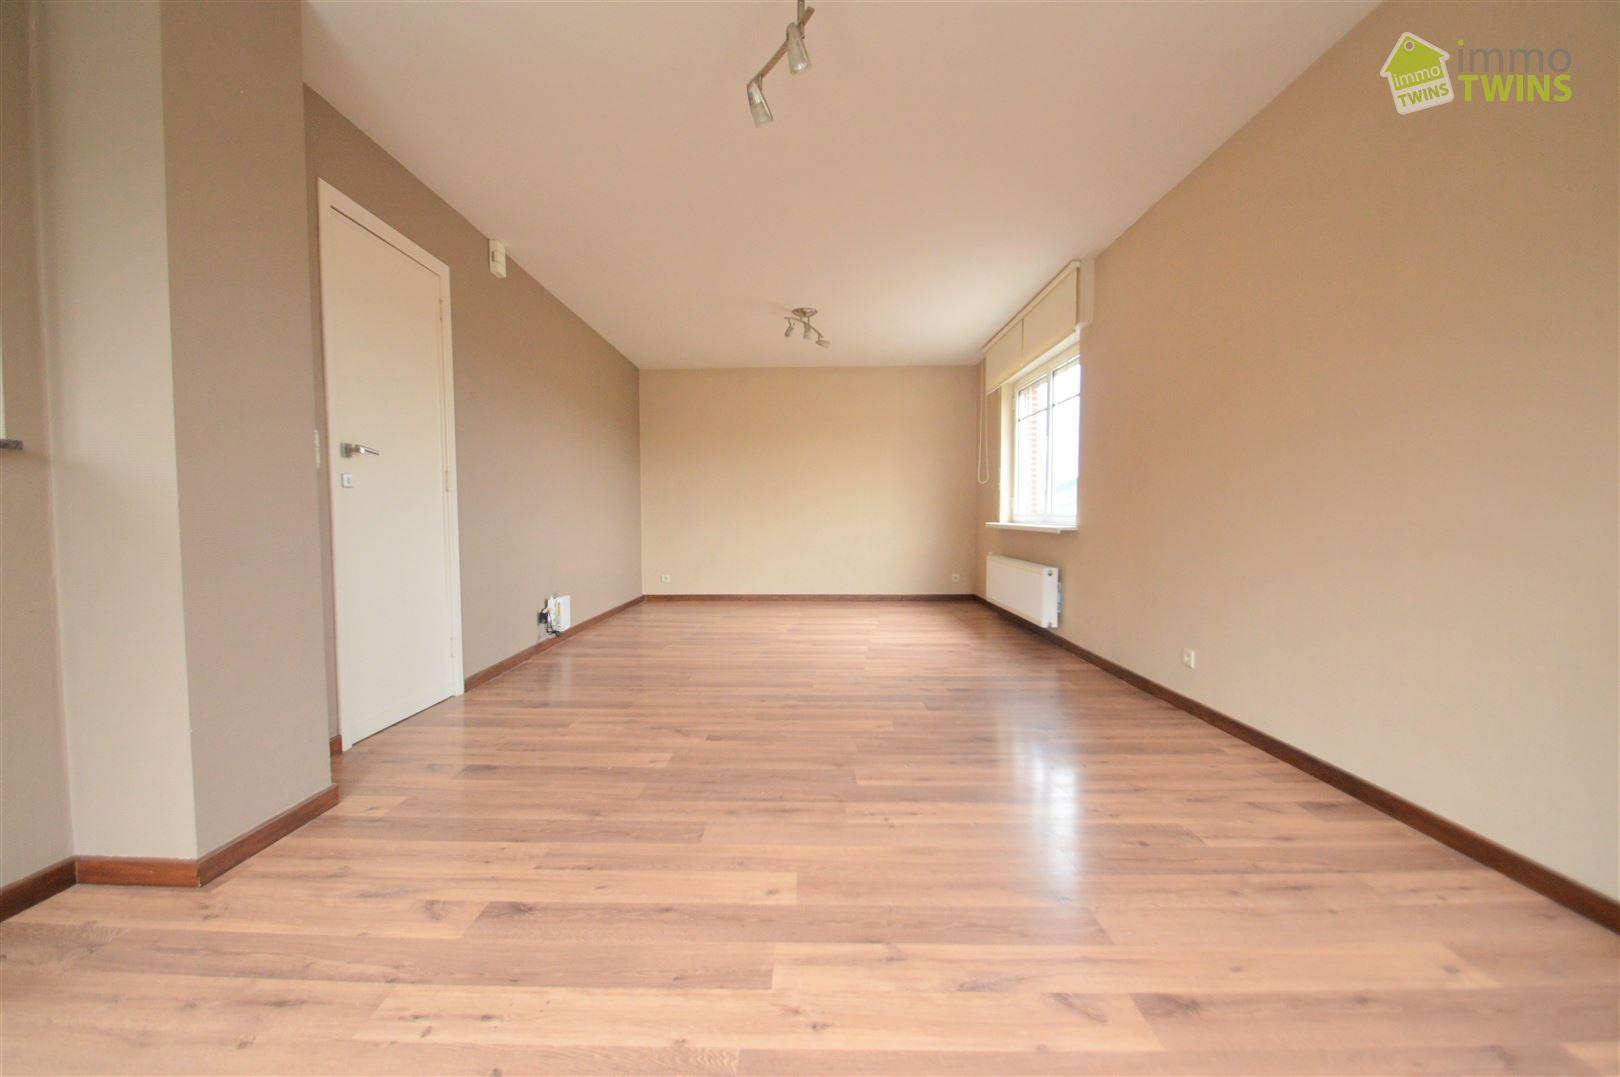 Foto 2 : Appartement te 9255 Buggenhout (België) - Prijs € 630